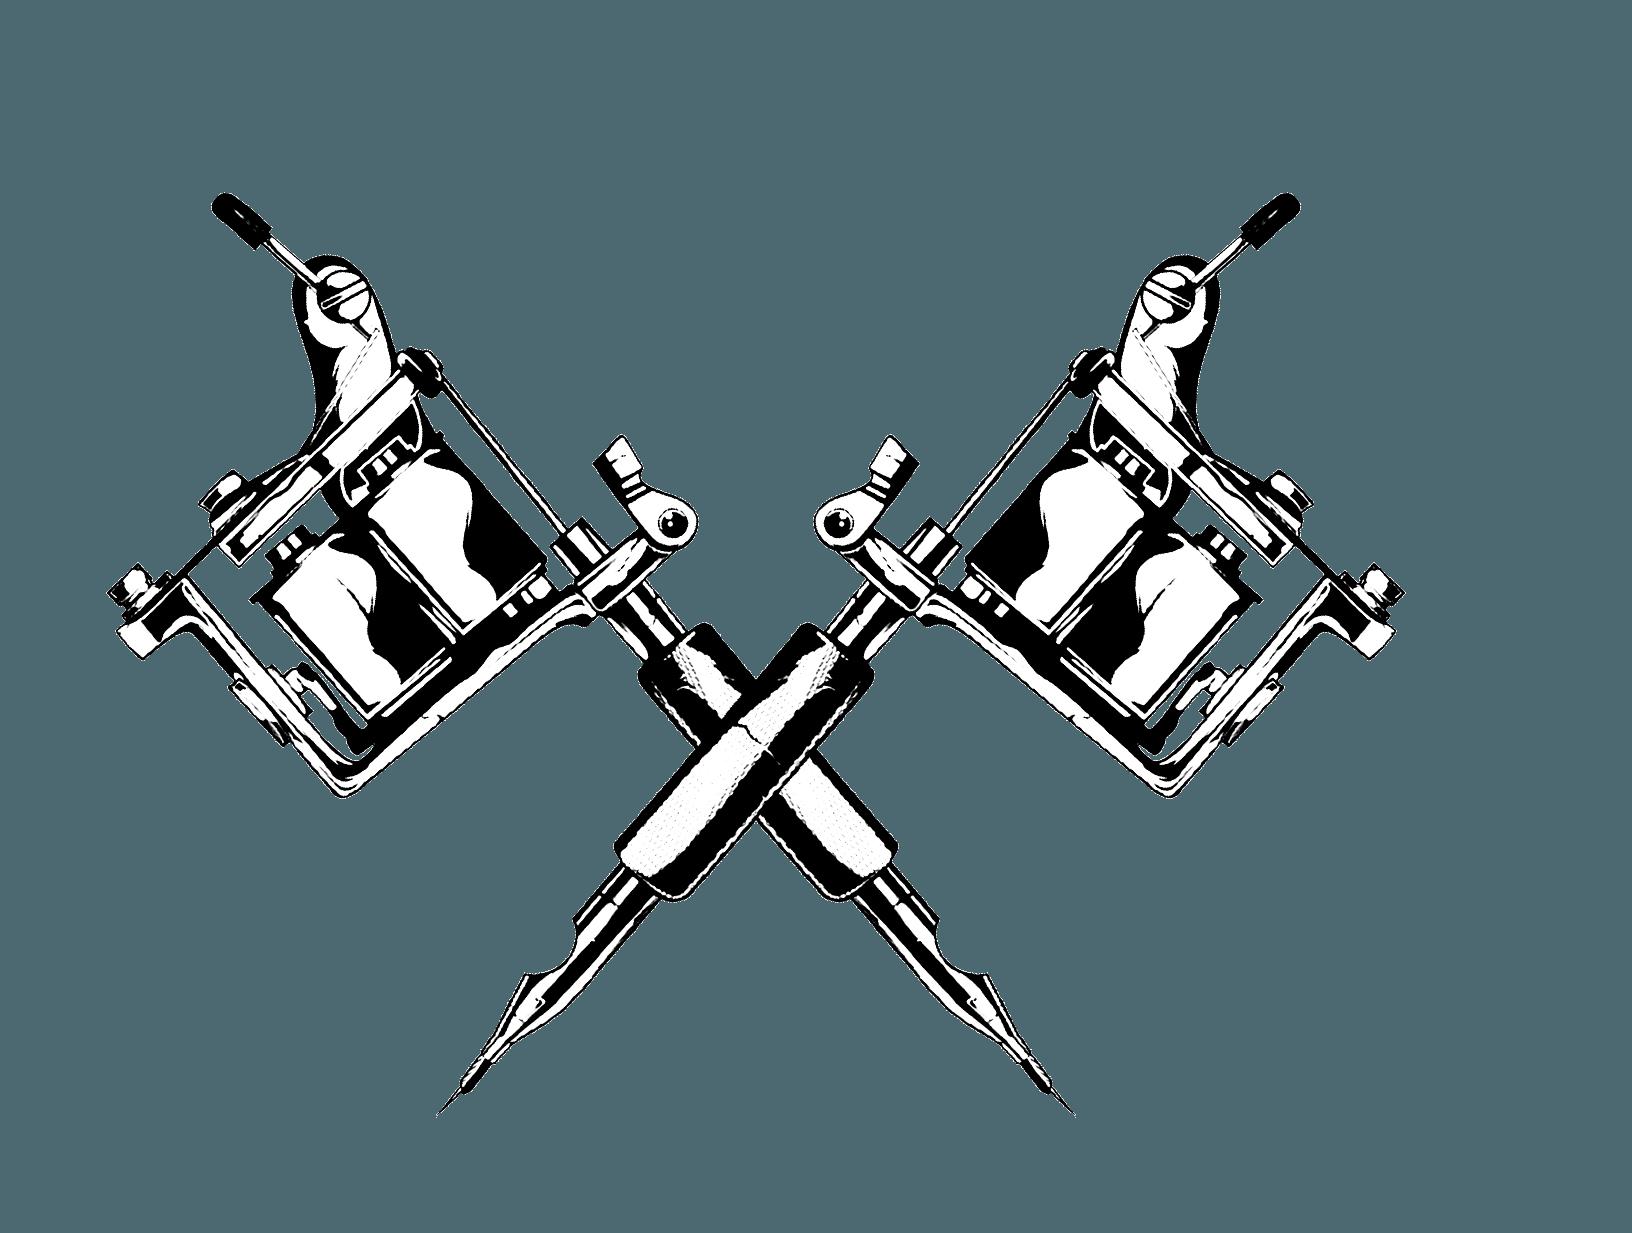 TATUAGGERIA VENERDÌ 17 - LOGO